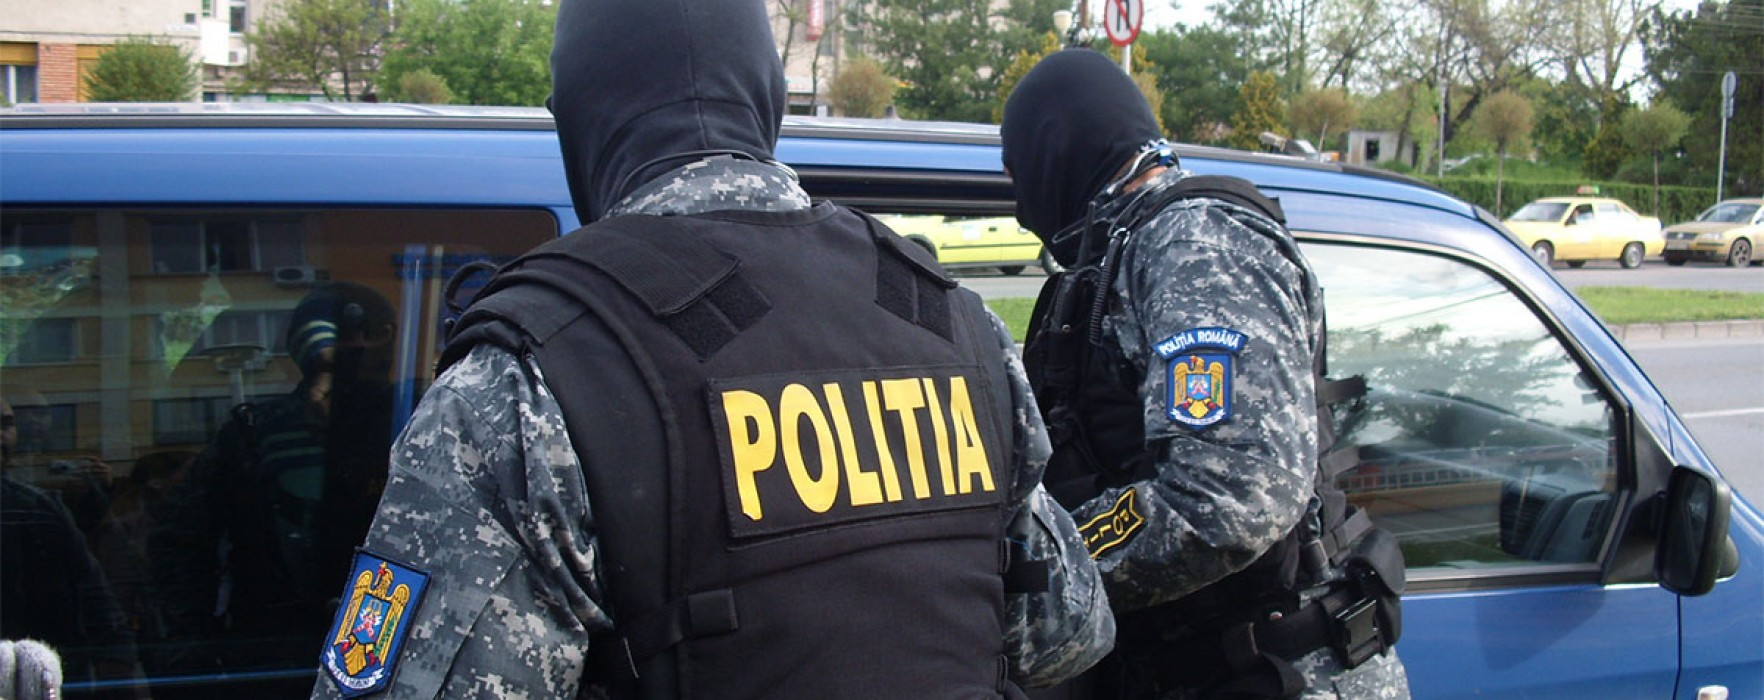 Poliţia Dâmboviţa: Percheziţii la persoane bănuite de sustragerea de combustibil din maşini pe A1